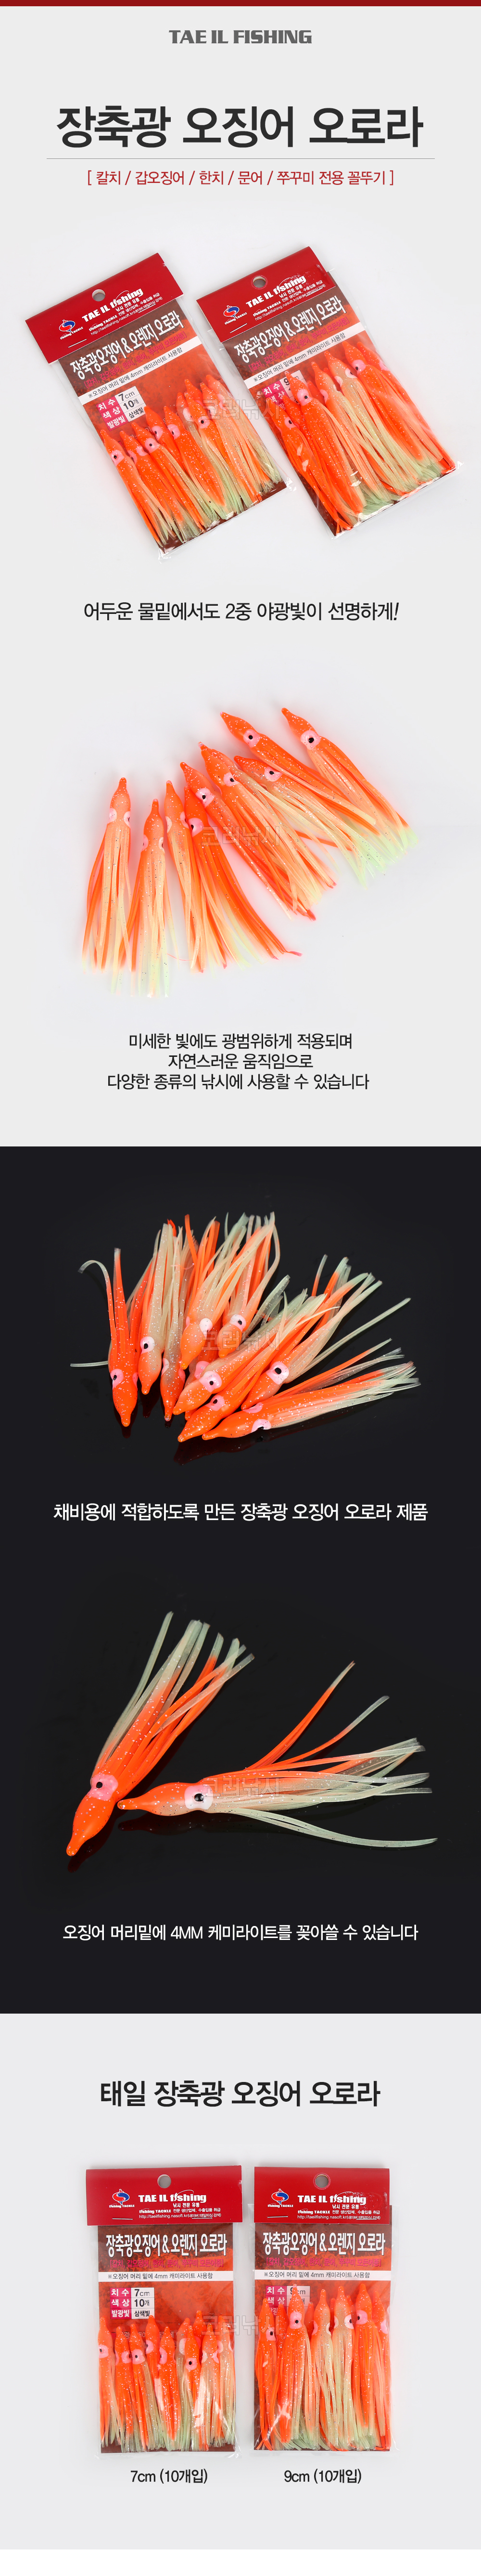 태일 장축광 오징어 오로라 (칼치,문어,쭈꾸미전용 꼴뚜기)